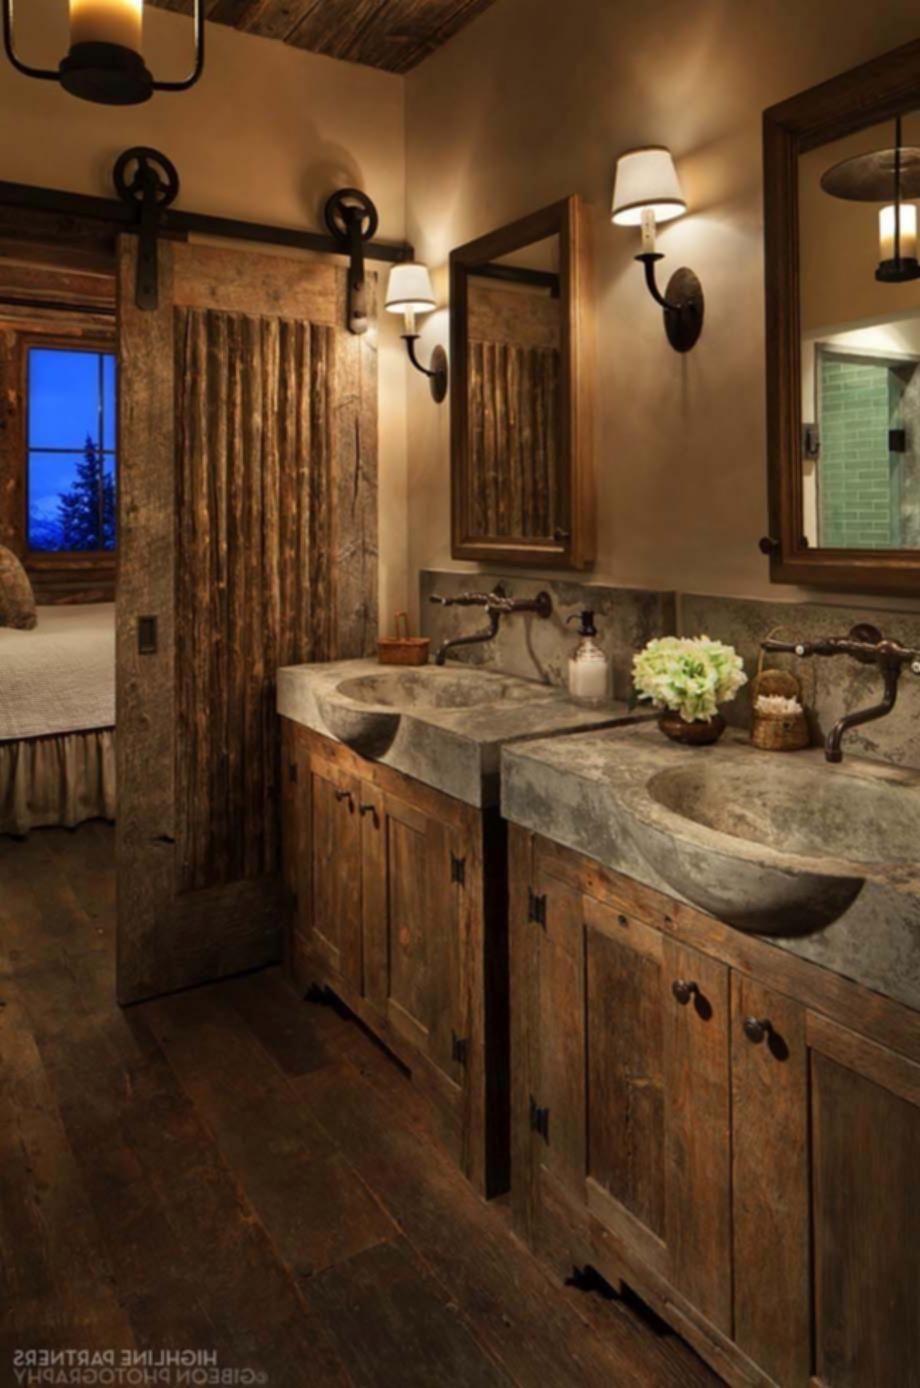 Country Themed Bathroom Decor Diy